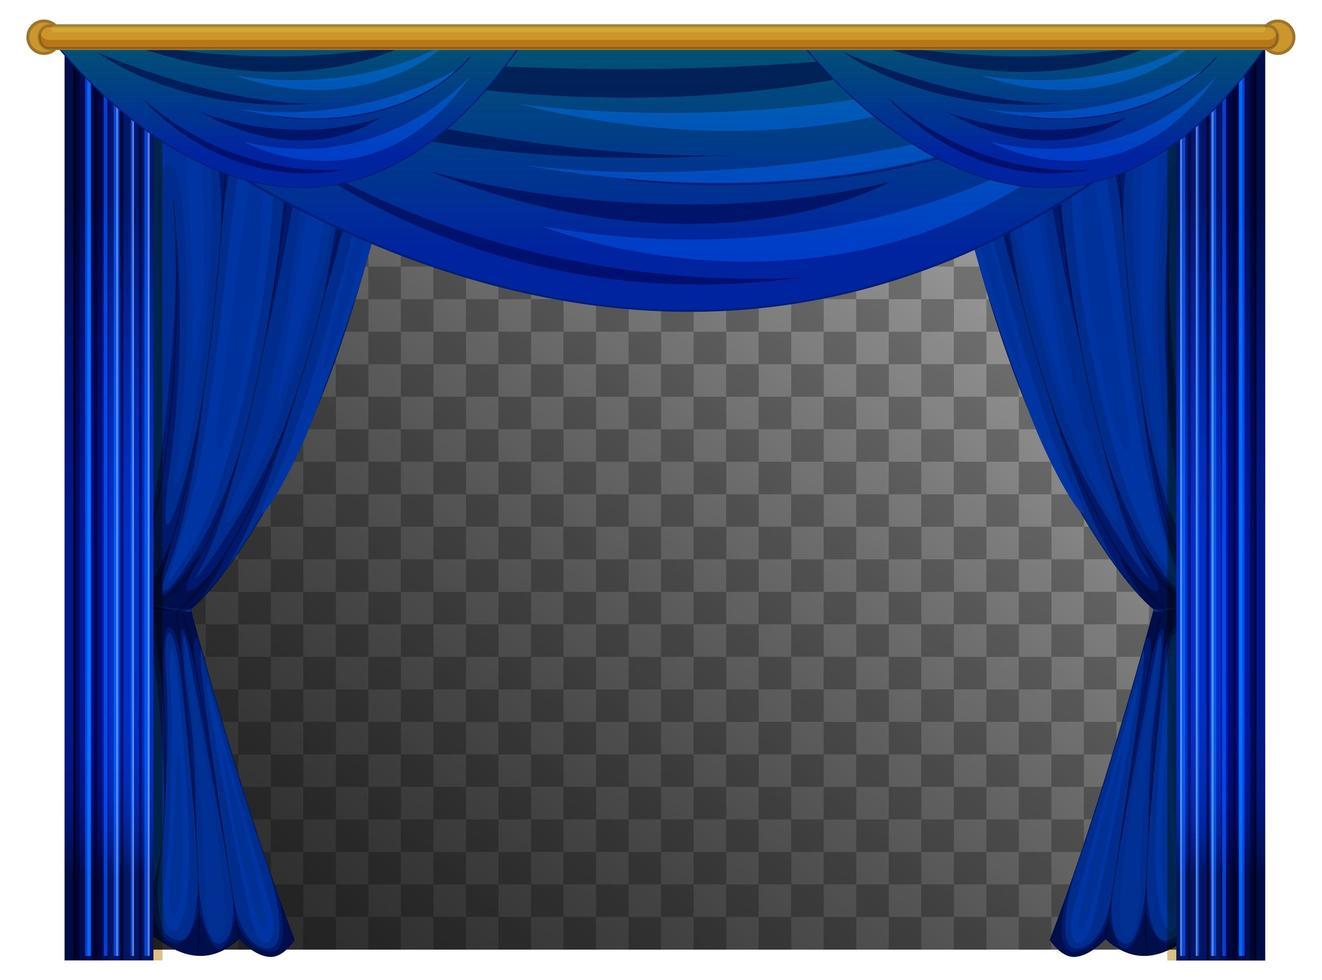 blauwe gordijnen met transparante achtergrond vector